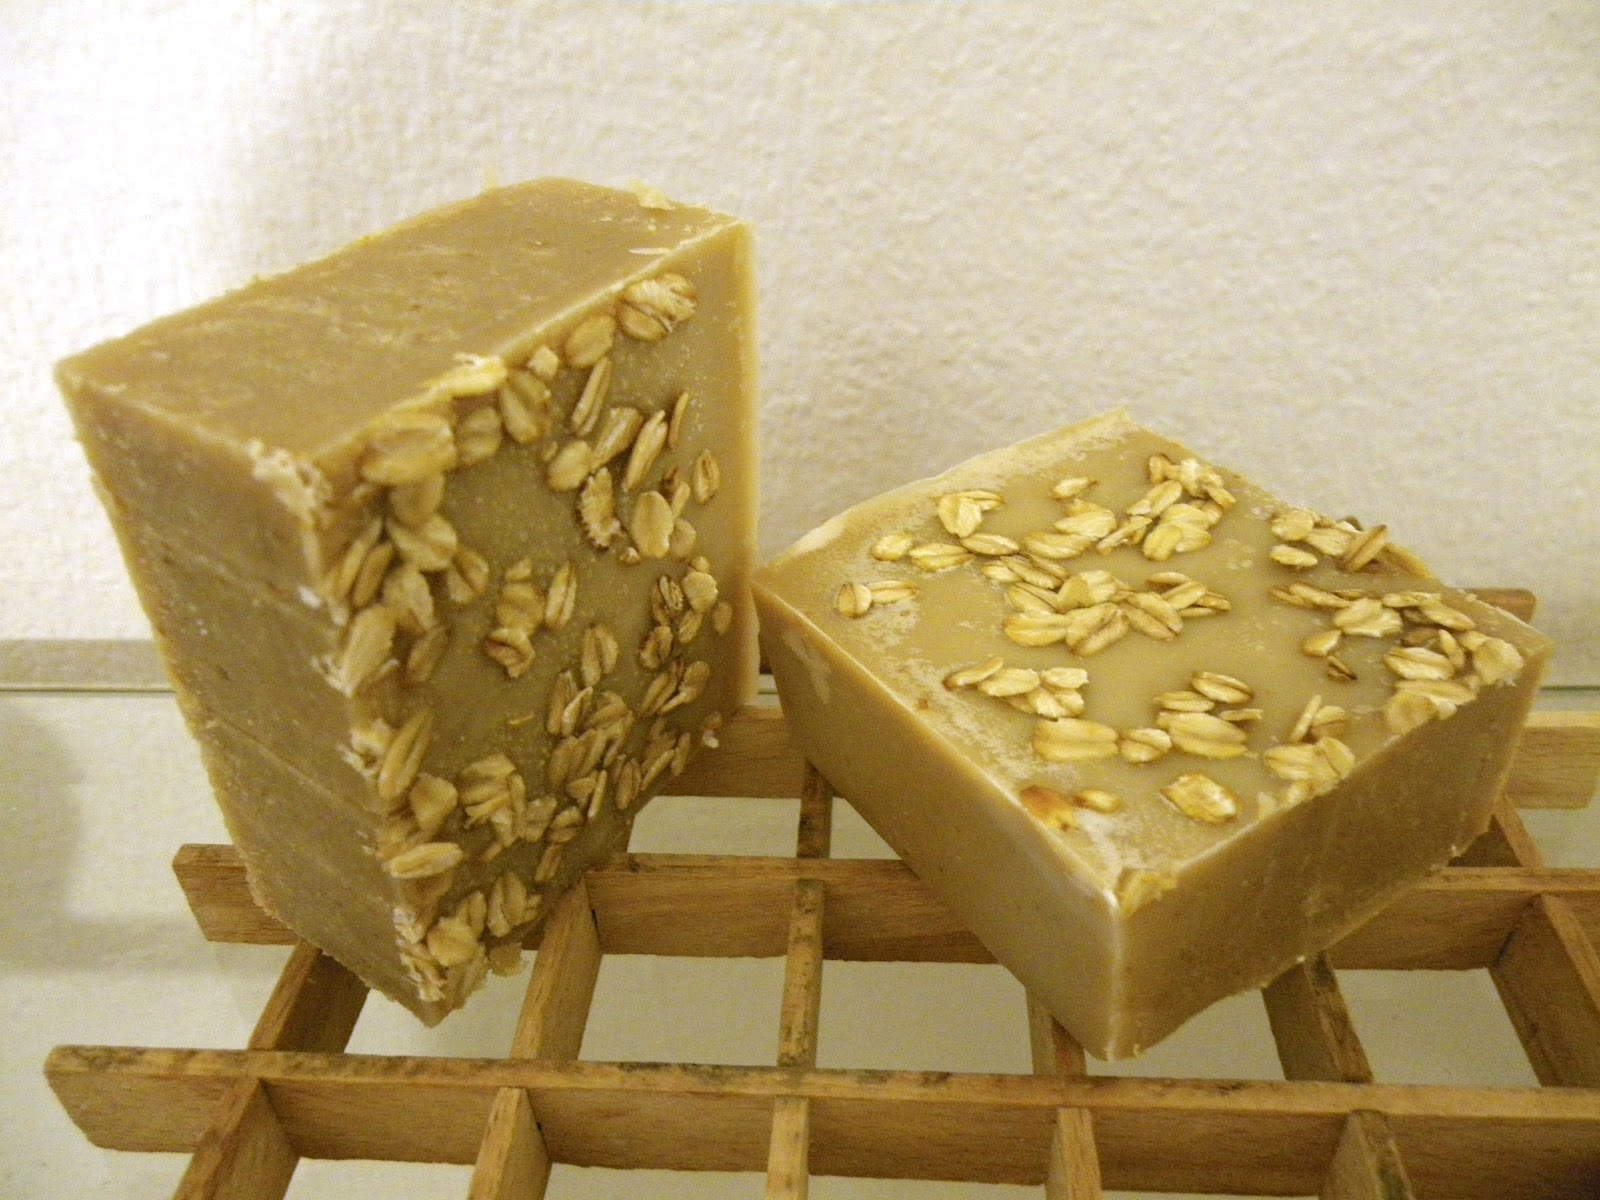 Oatmeal whey and honey soap